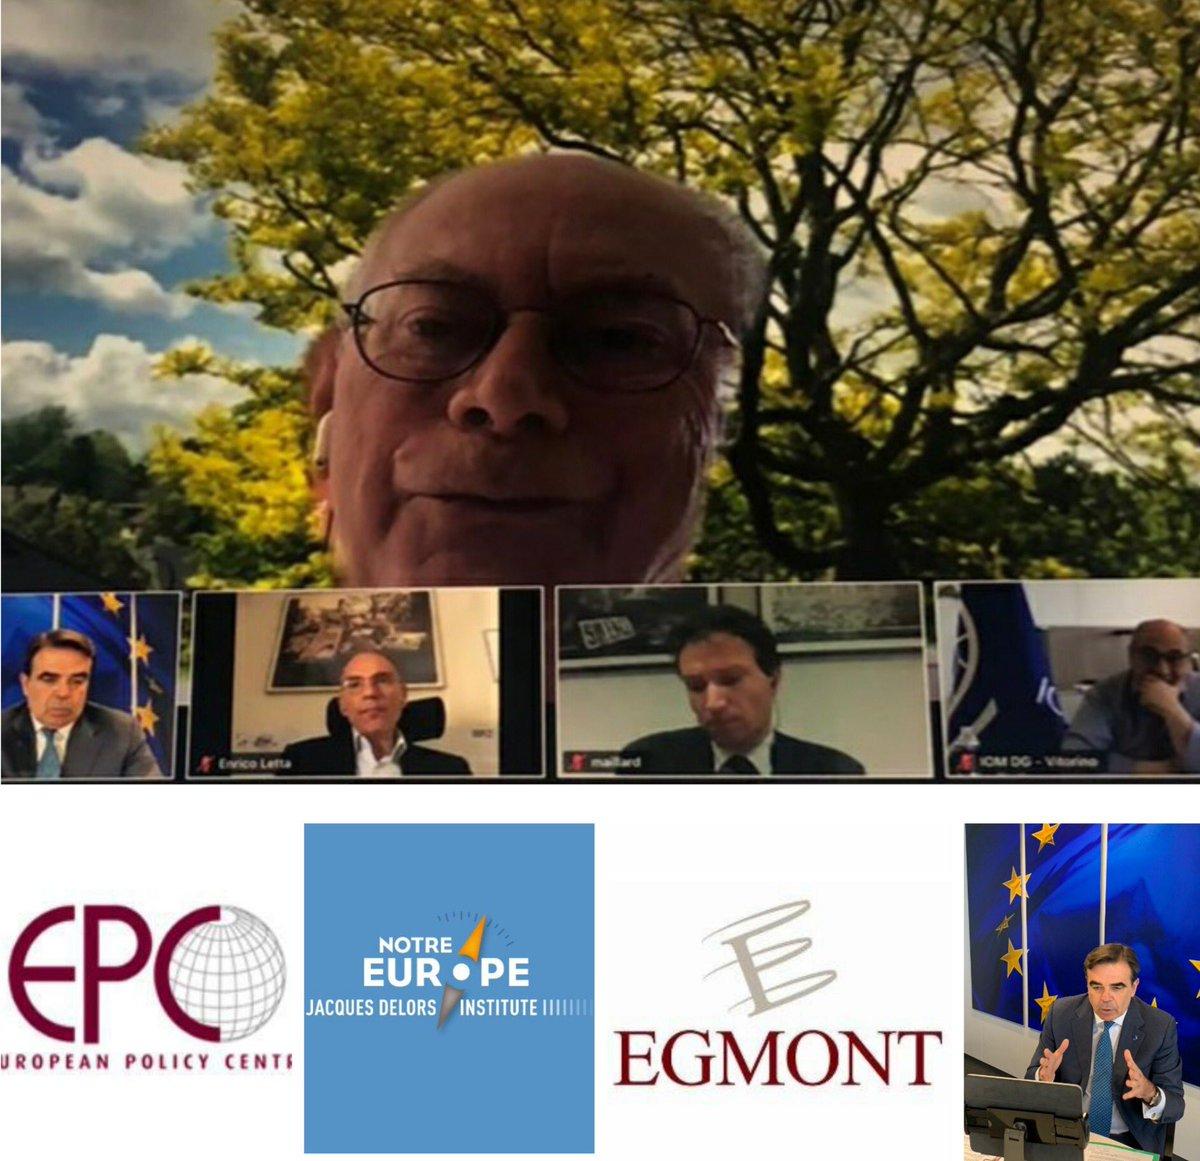 Échange fort intéressant sur le futur Pacte Migration et Asile avec @HvRpersonal , @EnricoLetta, @IOMchief Antonio Vitorino organisé par @DelorsInstitute, @EgmontInstitute, @epc_eu. Un privilège de partager nos ambitions et dialoguer avec ces grands européens. https://t.co/3YRR1D2TYw